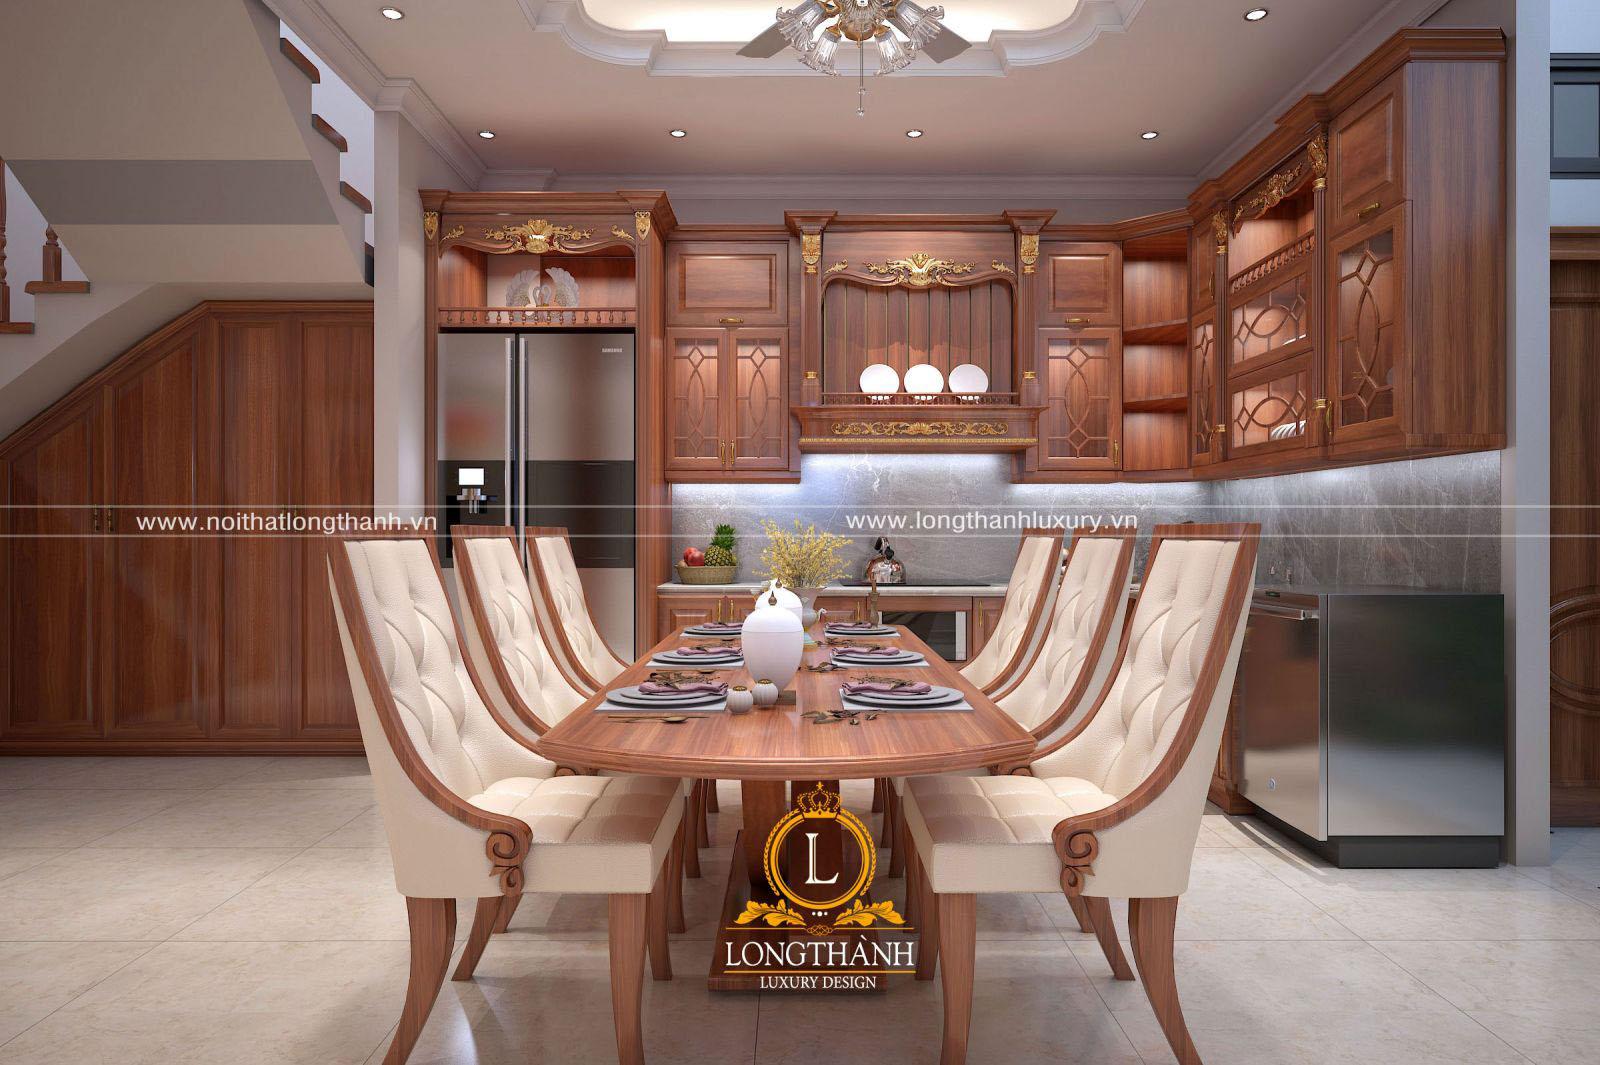 Mẫu tủ bếp gỗ Gõ phong cách hiện đại hình chữ I